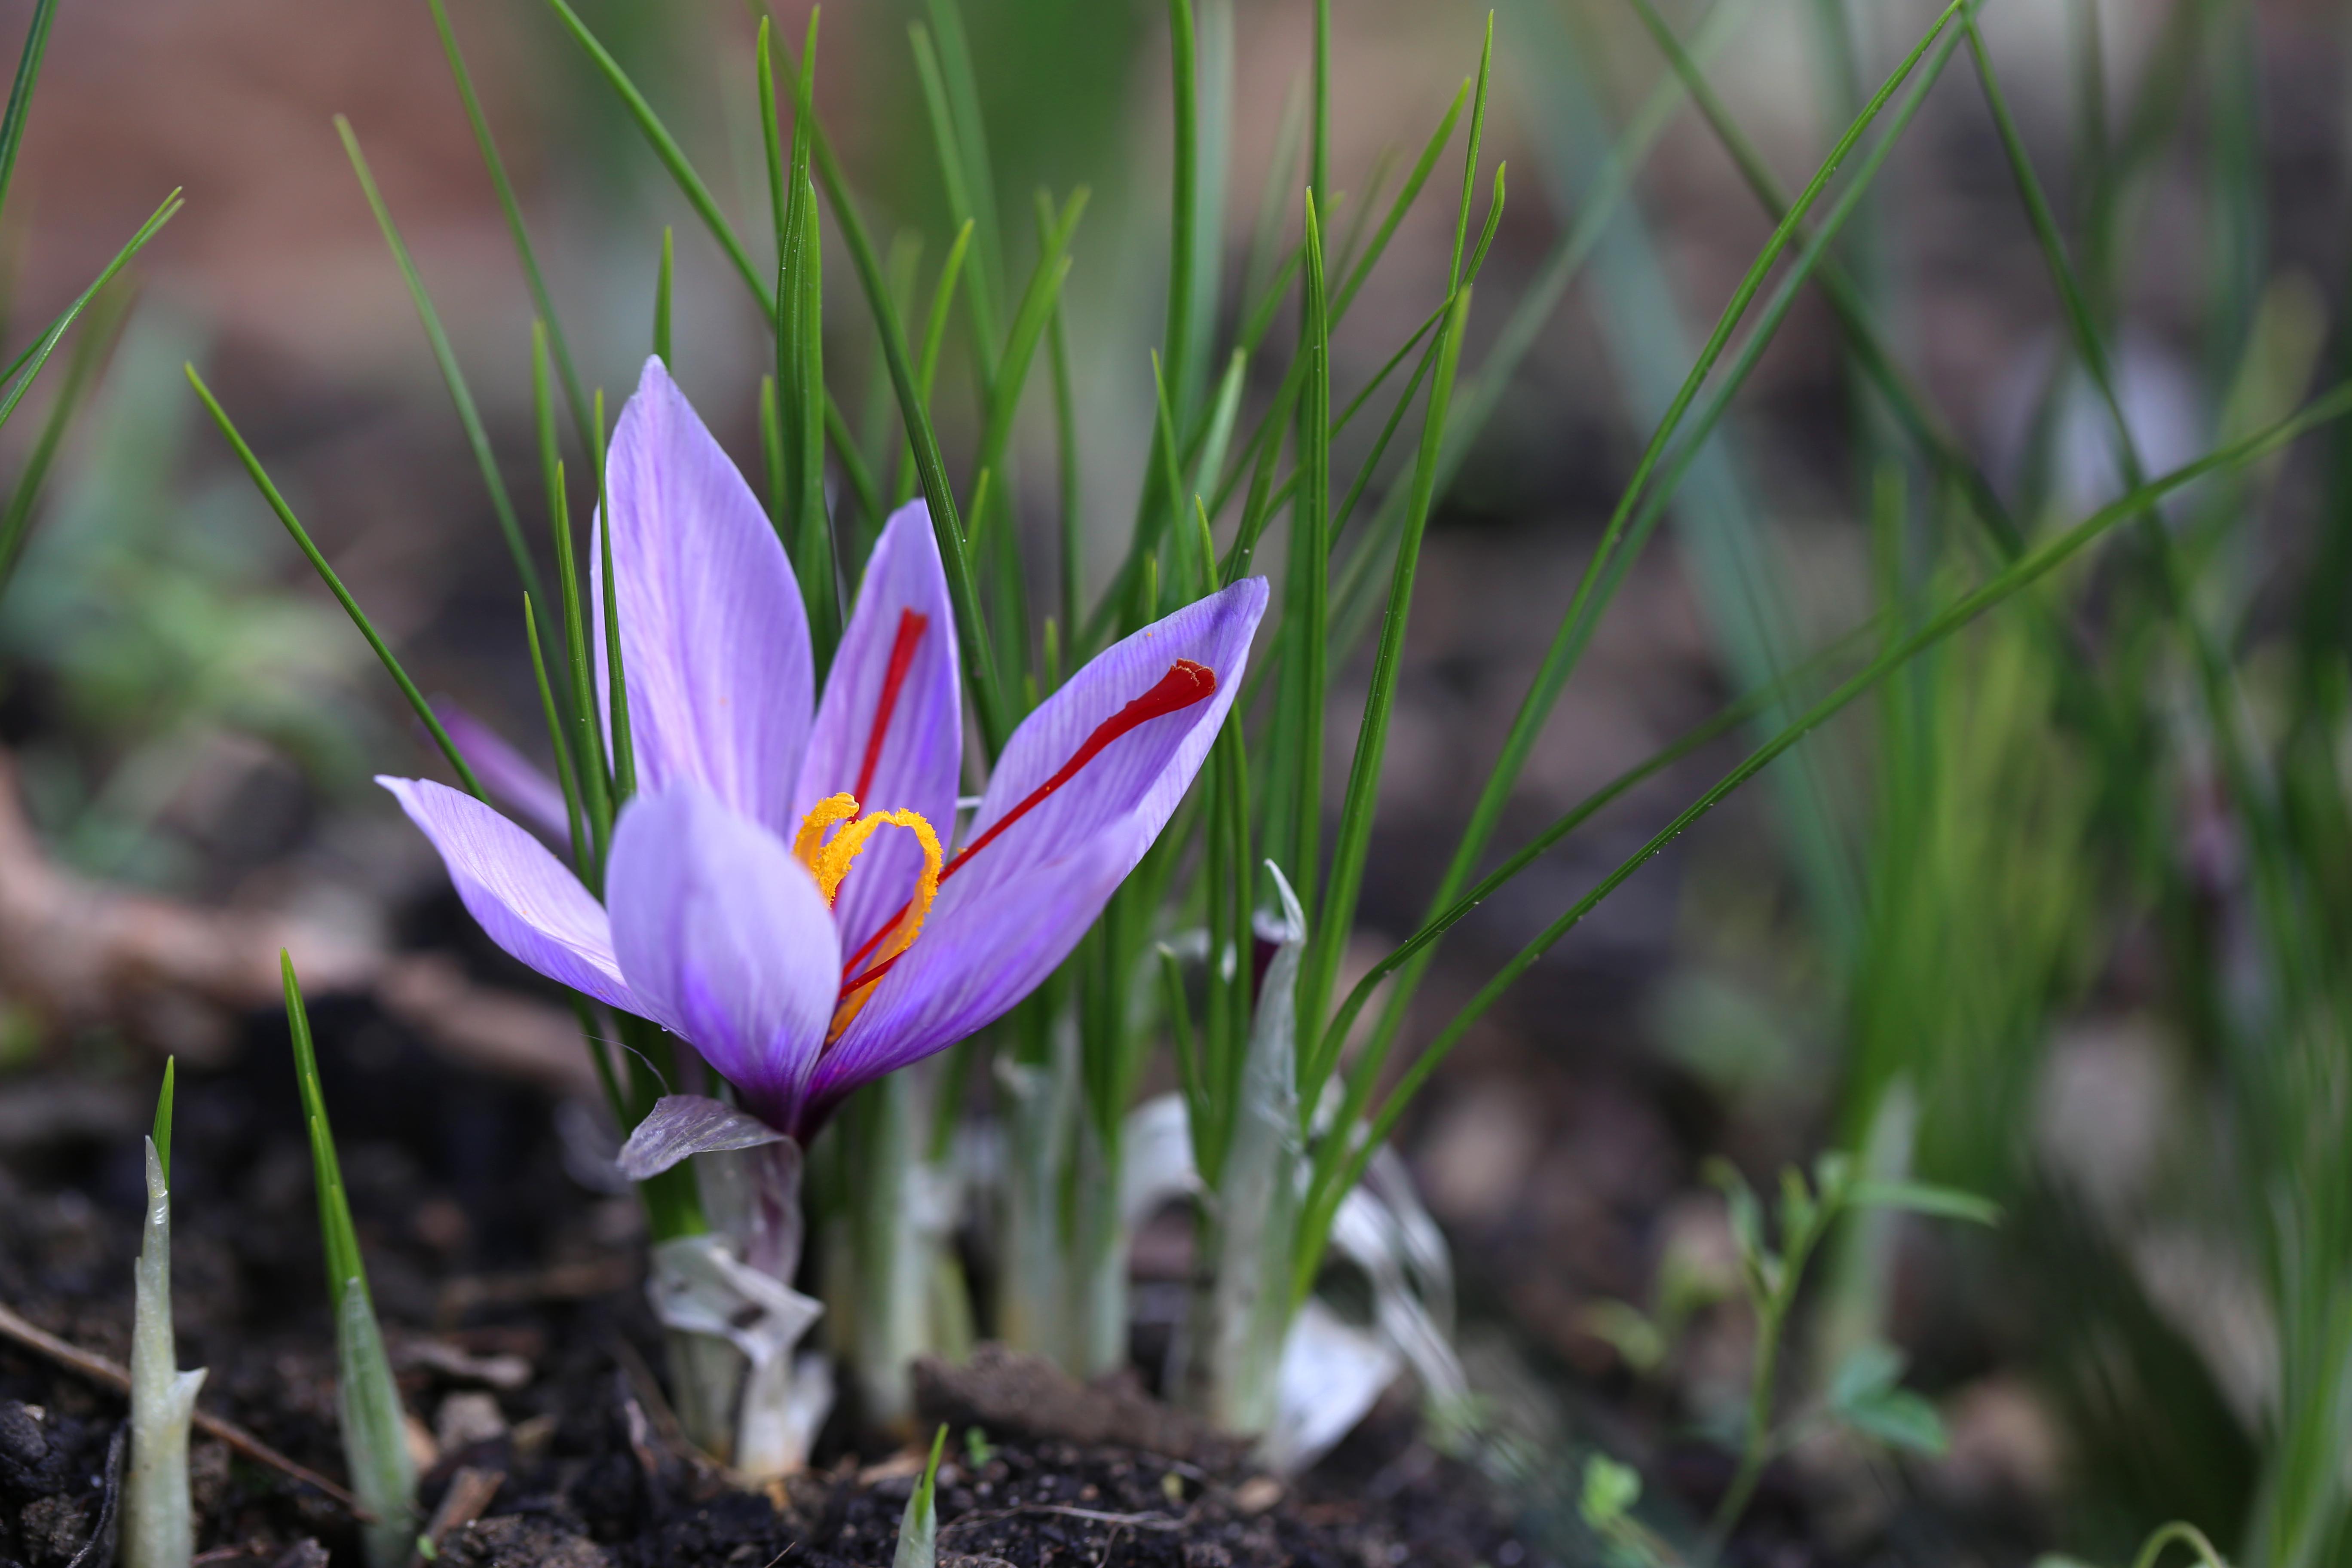 """Crocus sativus - fleur de safran - delimoon.com - safran fribourgeois produit dans le Vully et certifié """"produit du terroir fribourgeois"""